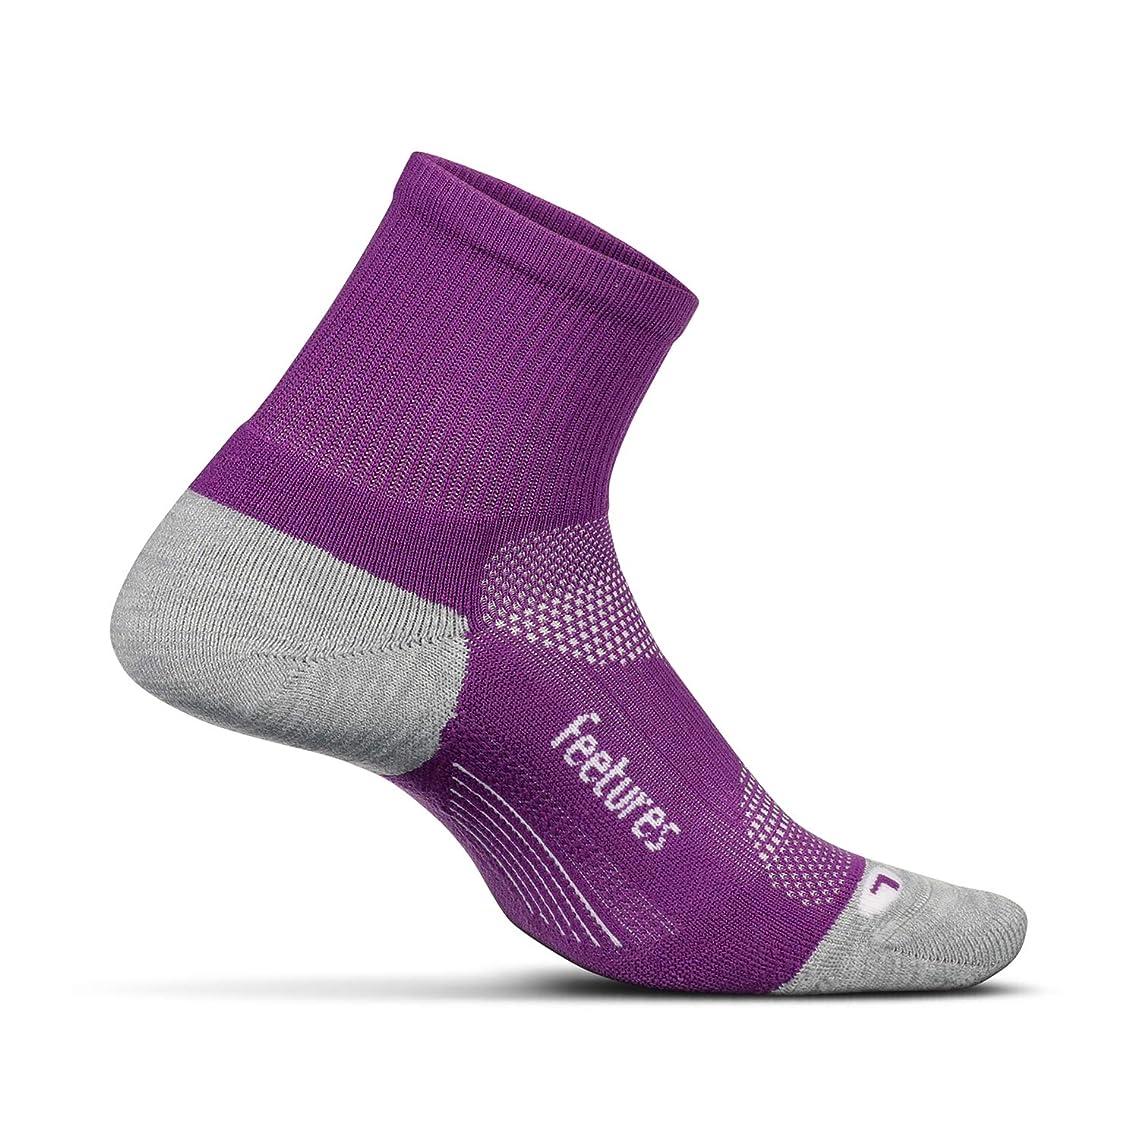 雇った不要ボア[FEETURES] Elite Light Cushion - Quarter - Athletic Running Socks for Men and Women